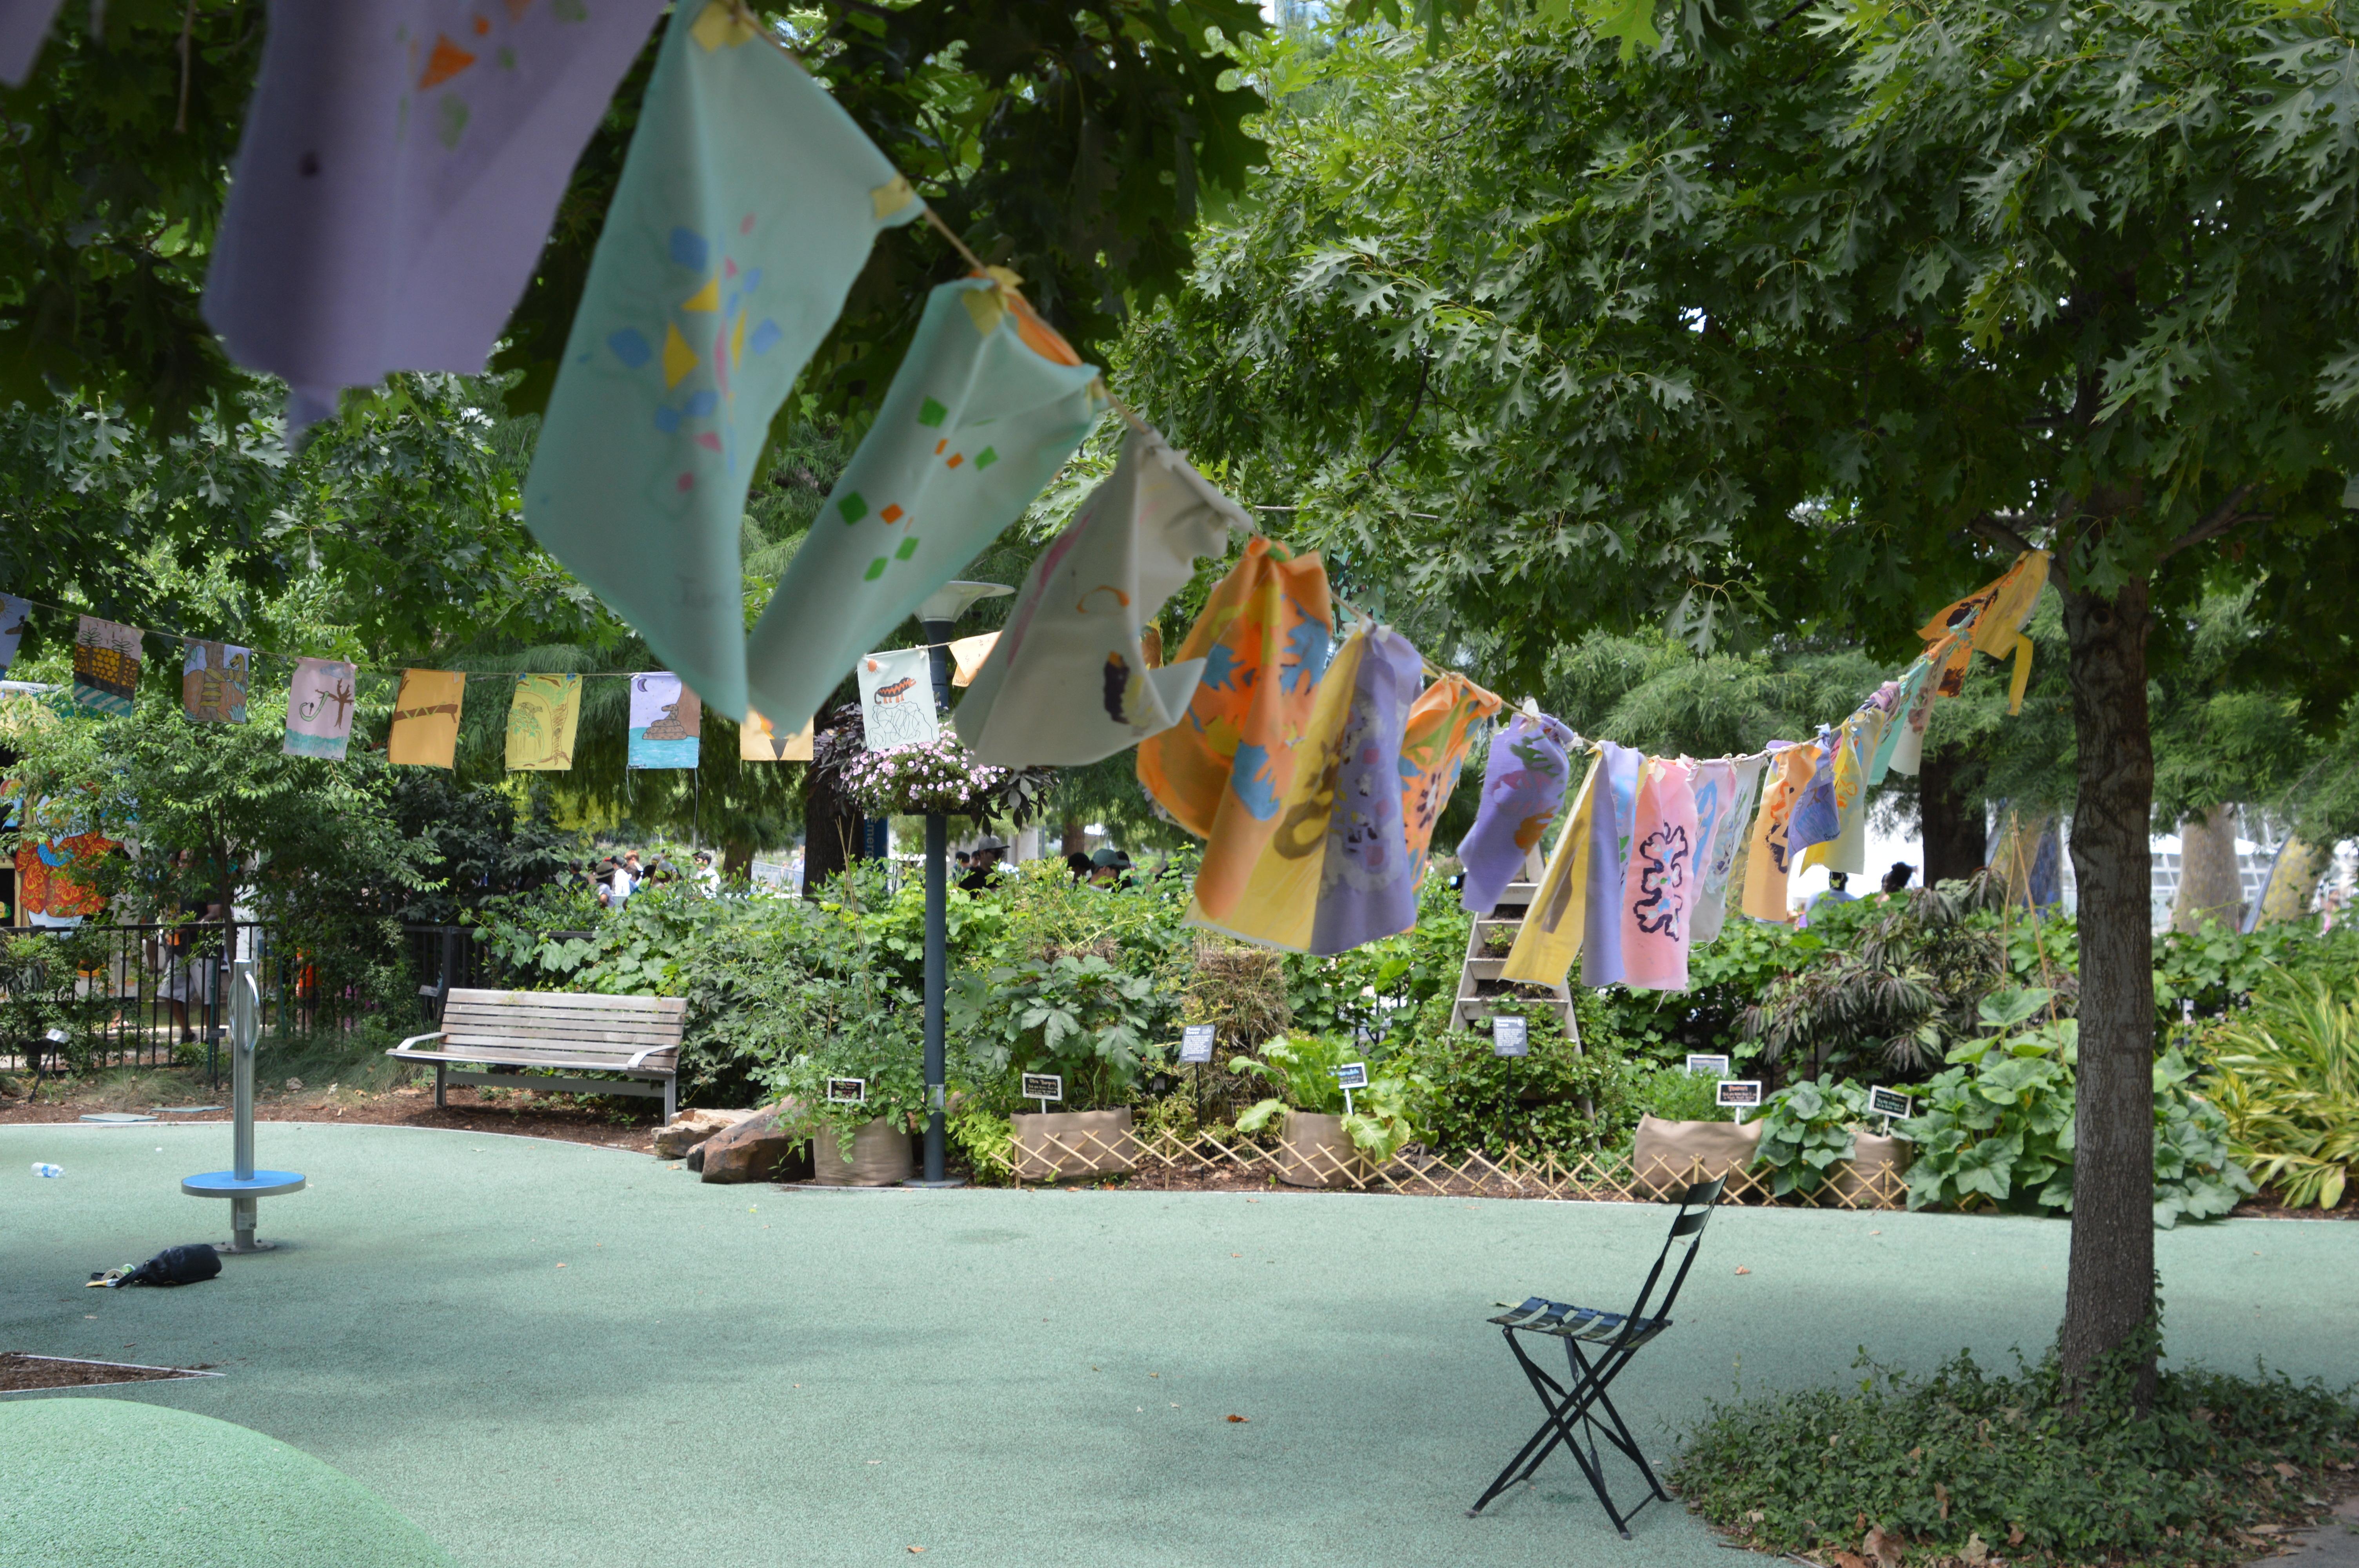 Oklahoma city botanical gardens hours garden ftempo for Botanical gardens hours today